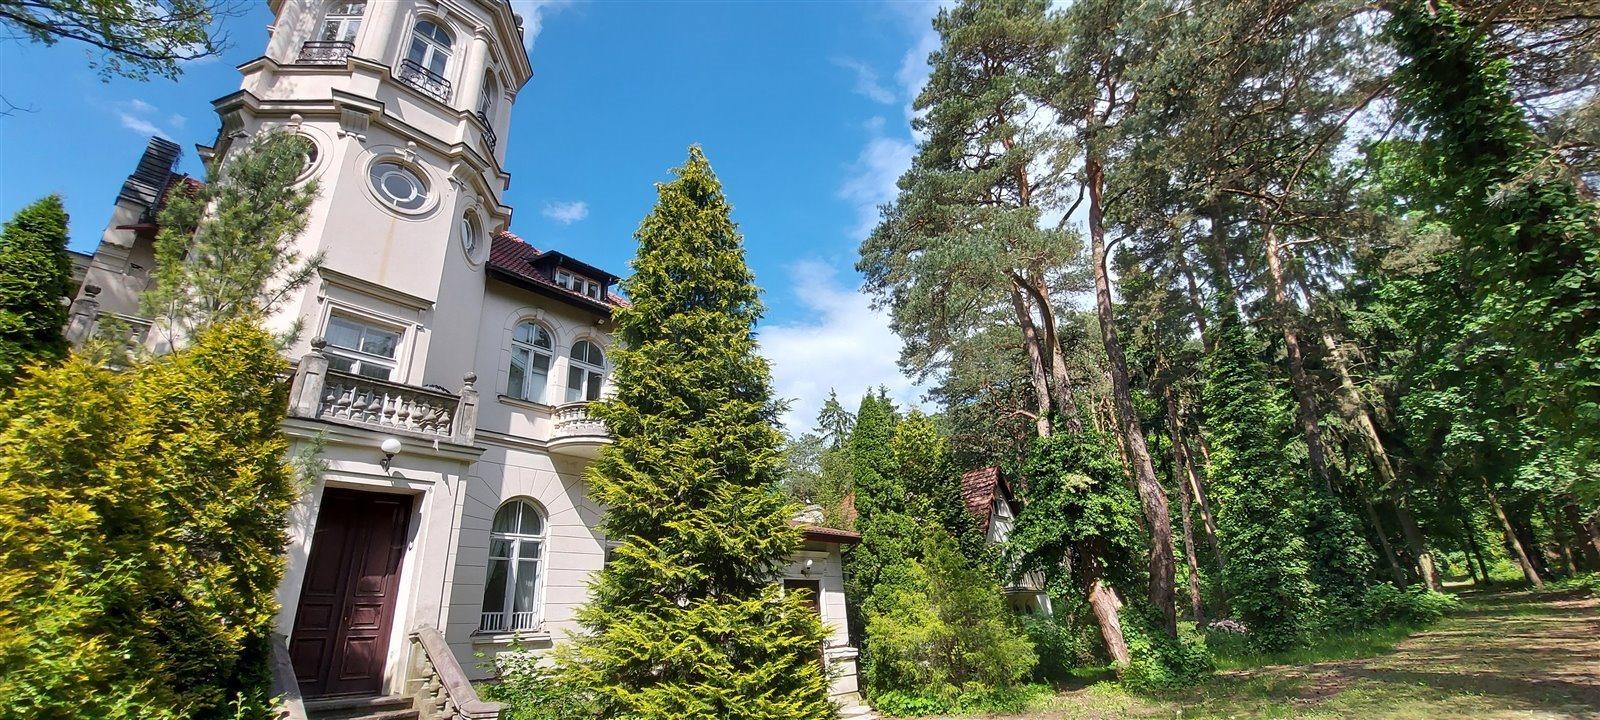 Dom na sprzedaż Konstancin-Jeziorna  1230m2 Foto 3